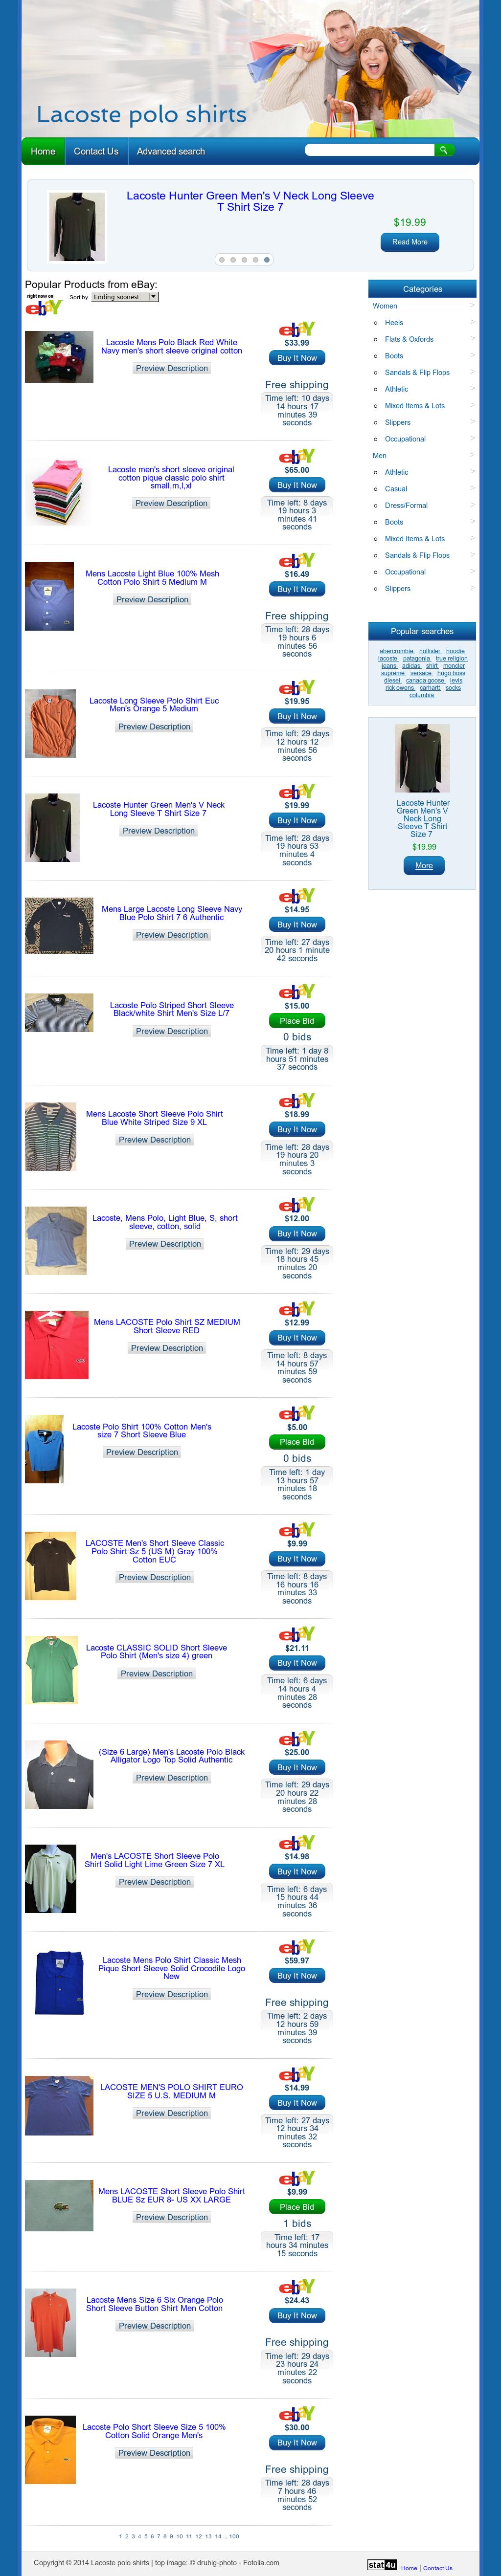 188d95497e1 Lacoste Polo Shirts Competitors